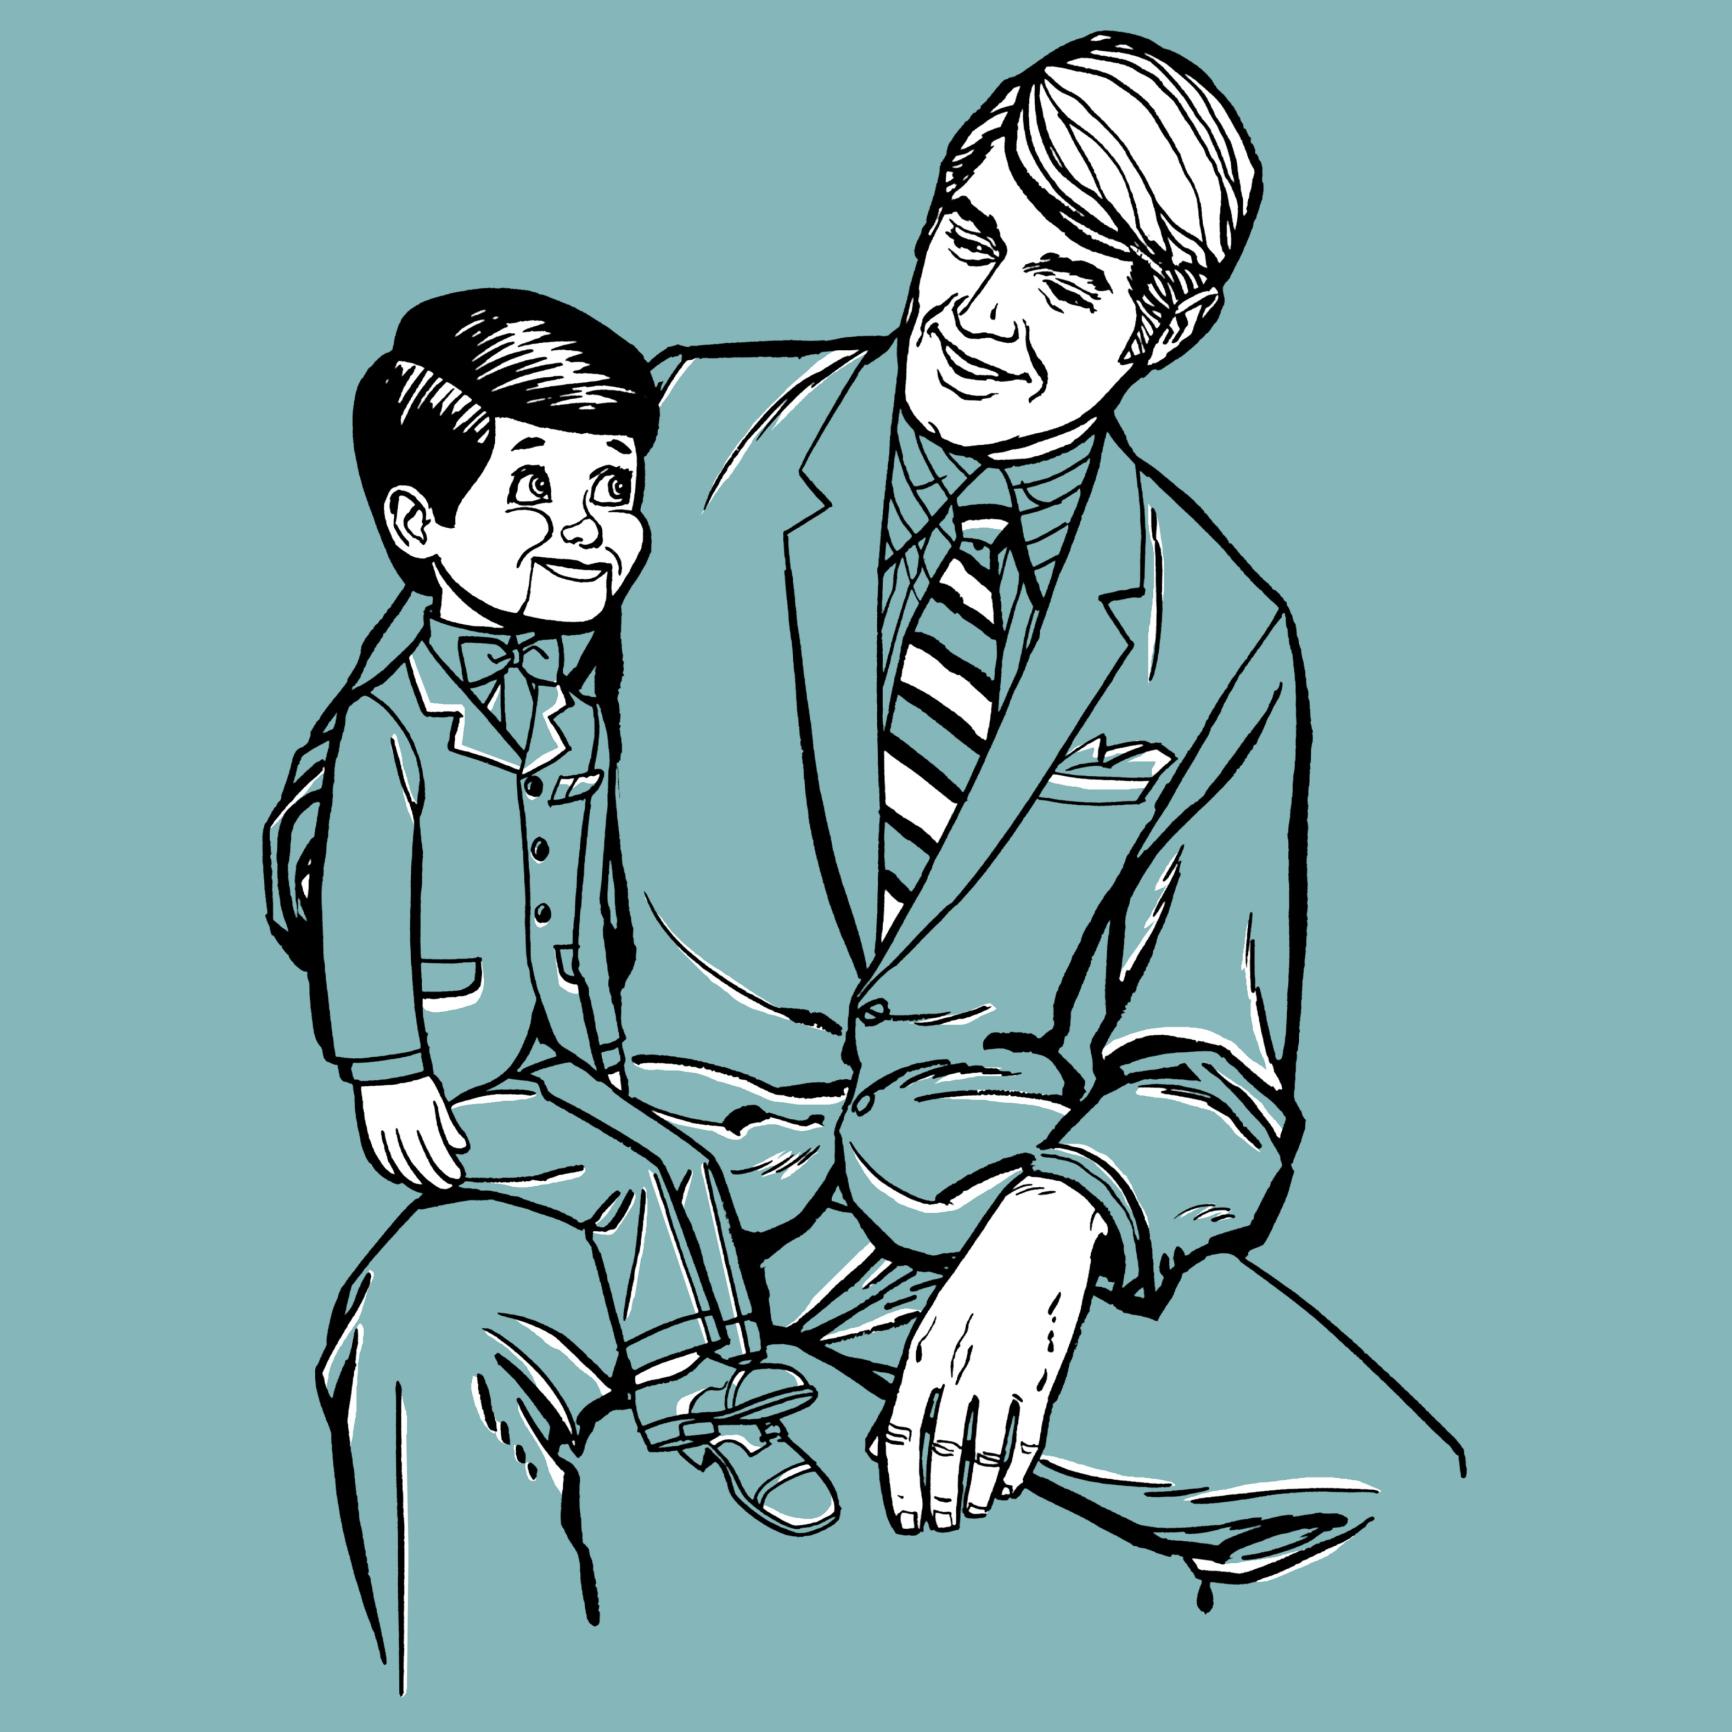 Resultado de imagen para marioneta ventrilocuo